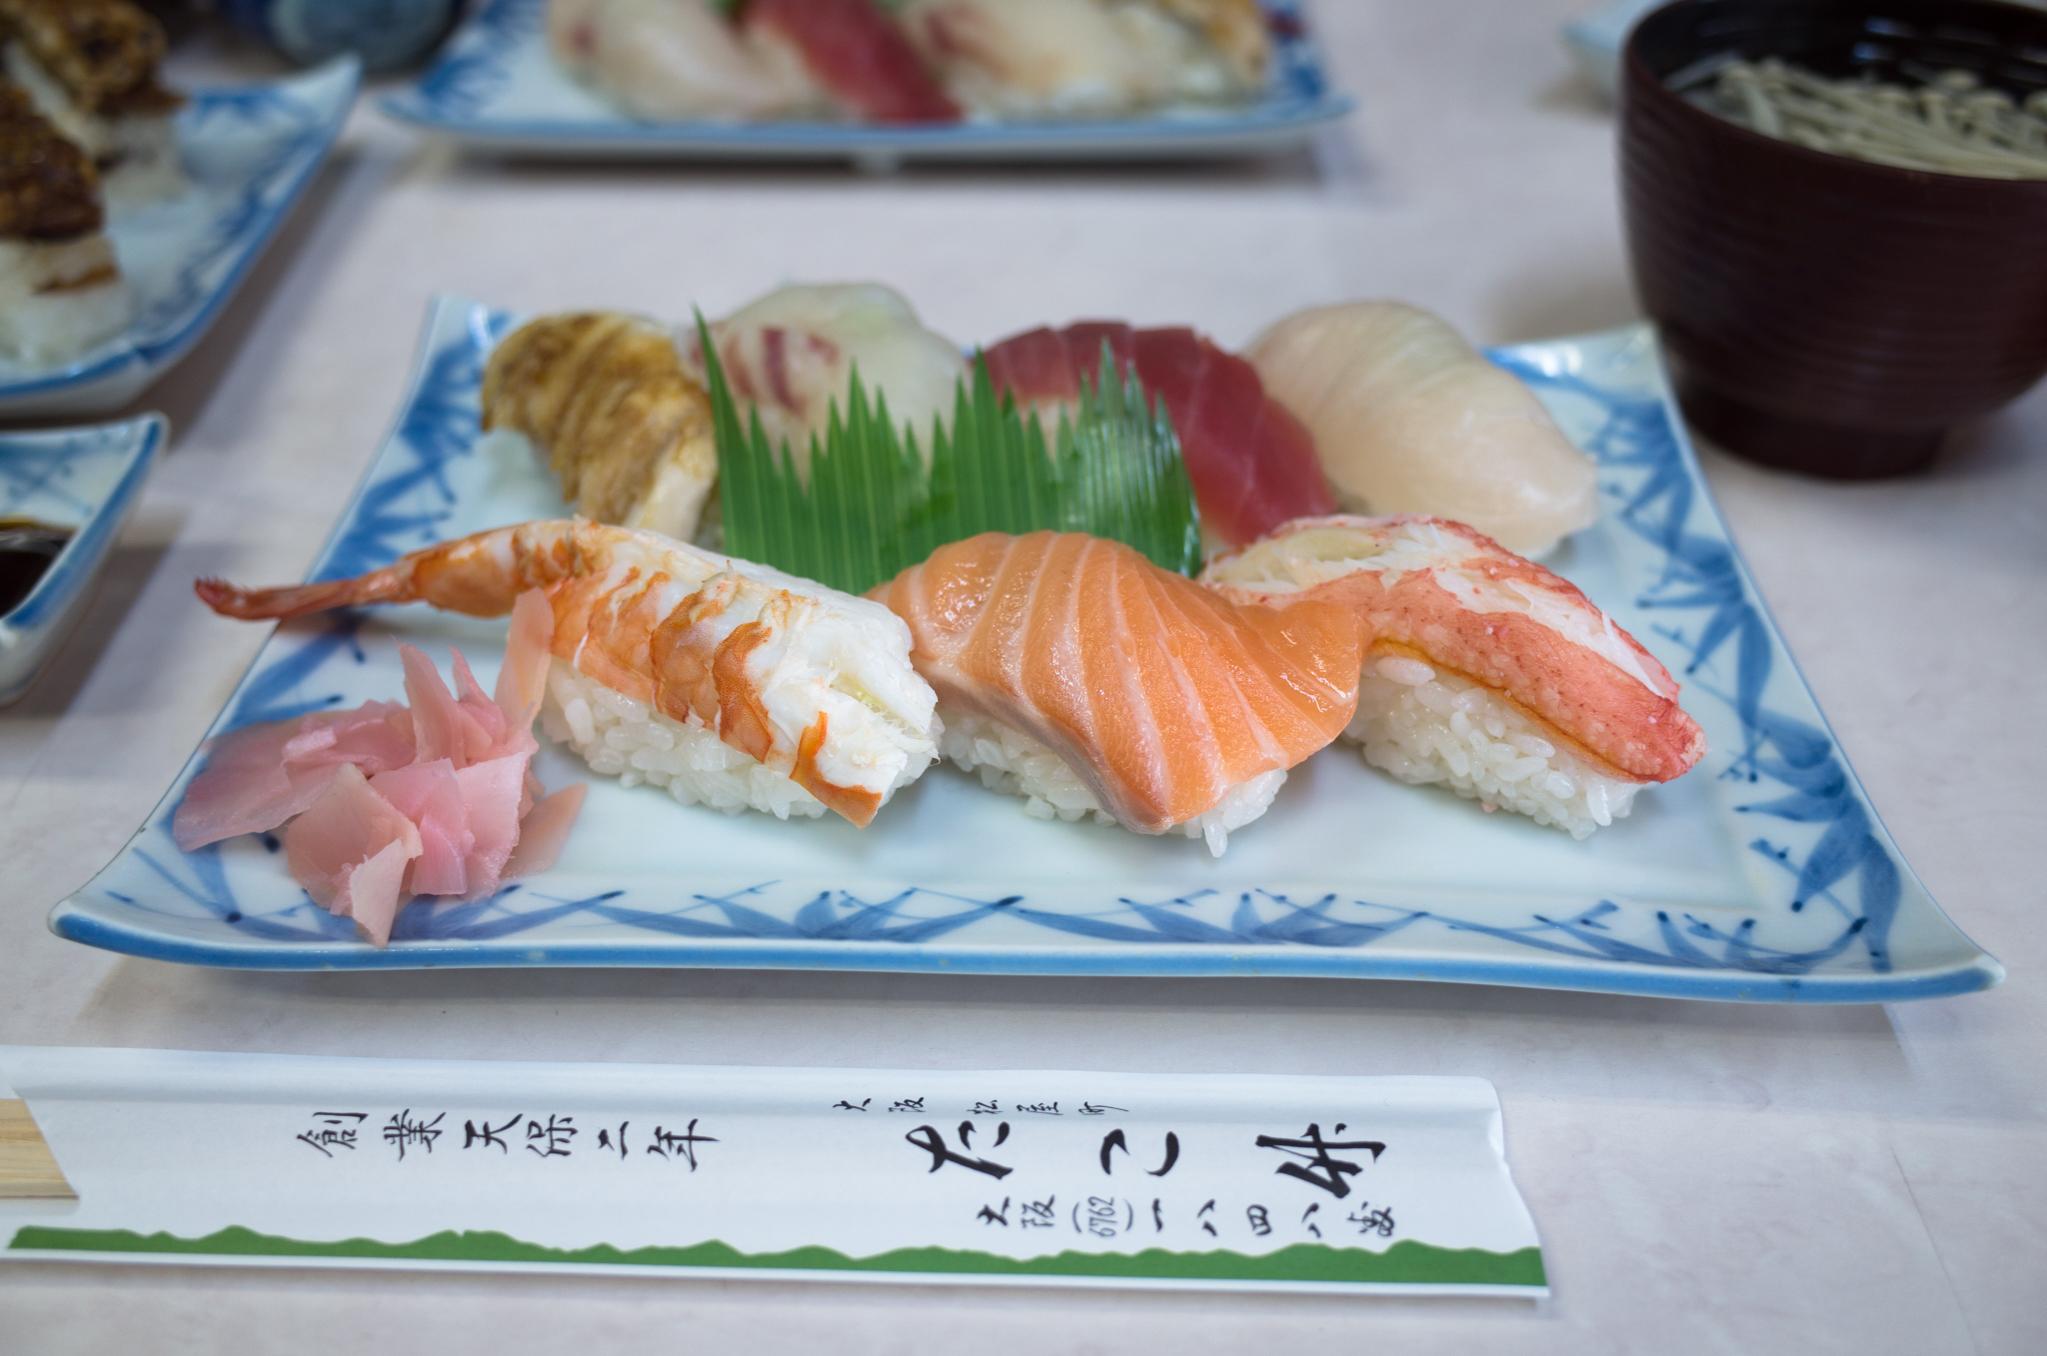 押し寿司推しの寿司屋で頼んだ握り、おにぎりサイズ